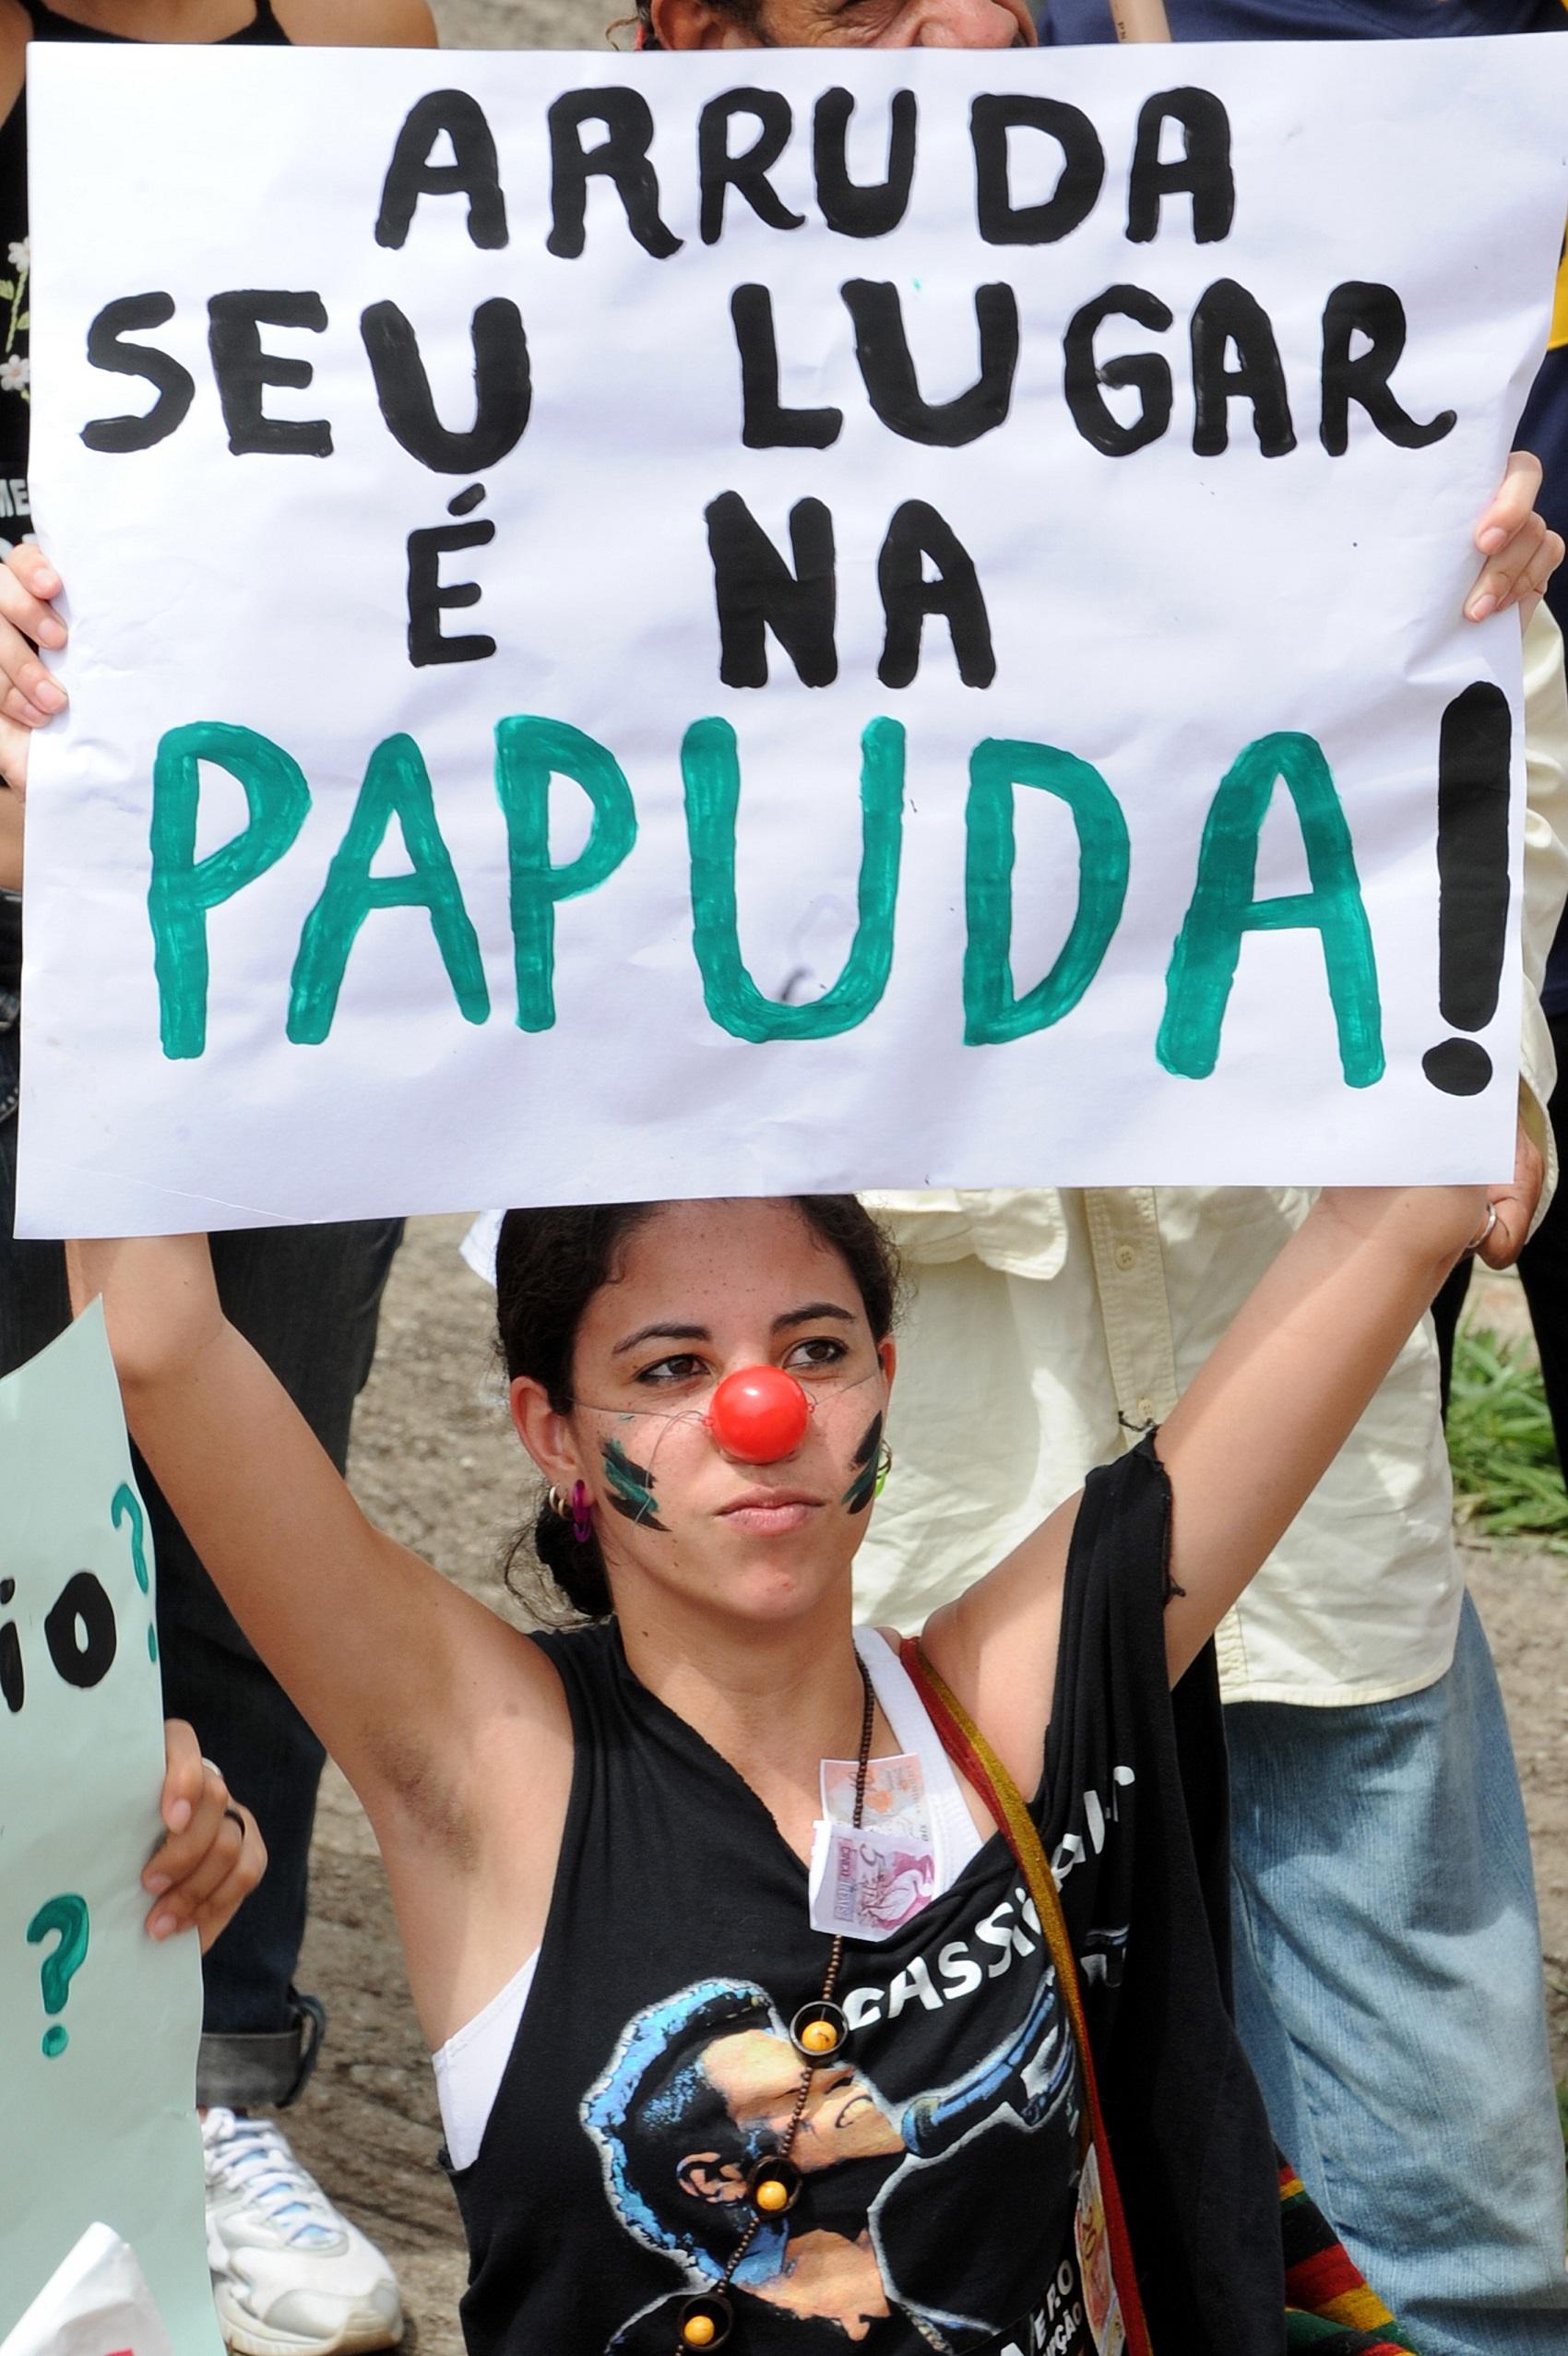 Manifestantes protestam contra o governador José Roberto Arruda no Dia Internacional Contra a Corrupção , em Brasília, em Dezembro de 2009 (Foto: EVARISTO SA / AFP)